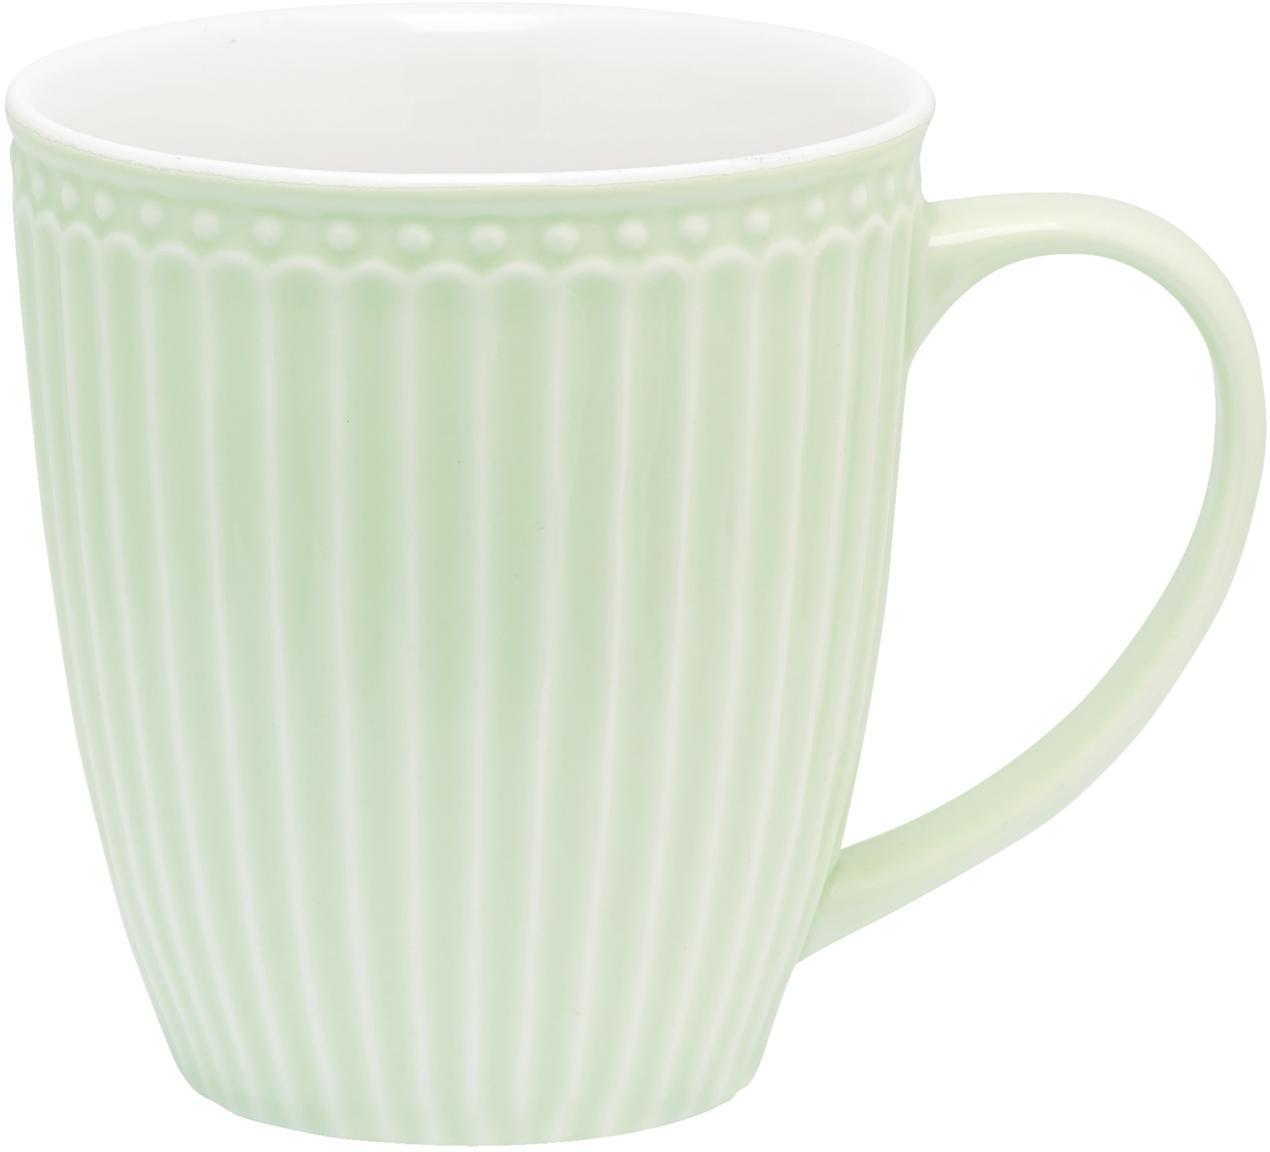 Tazas Alice, 2uds., Porcelana, Verde menta, Ø 10 x Al 10 cm